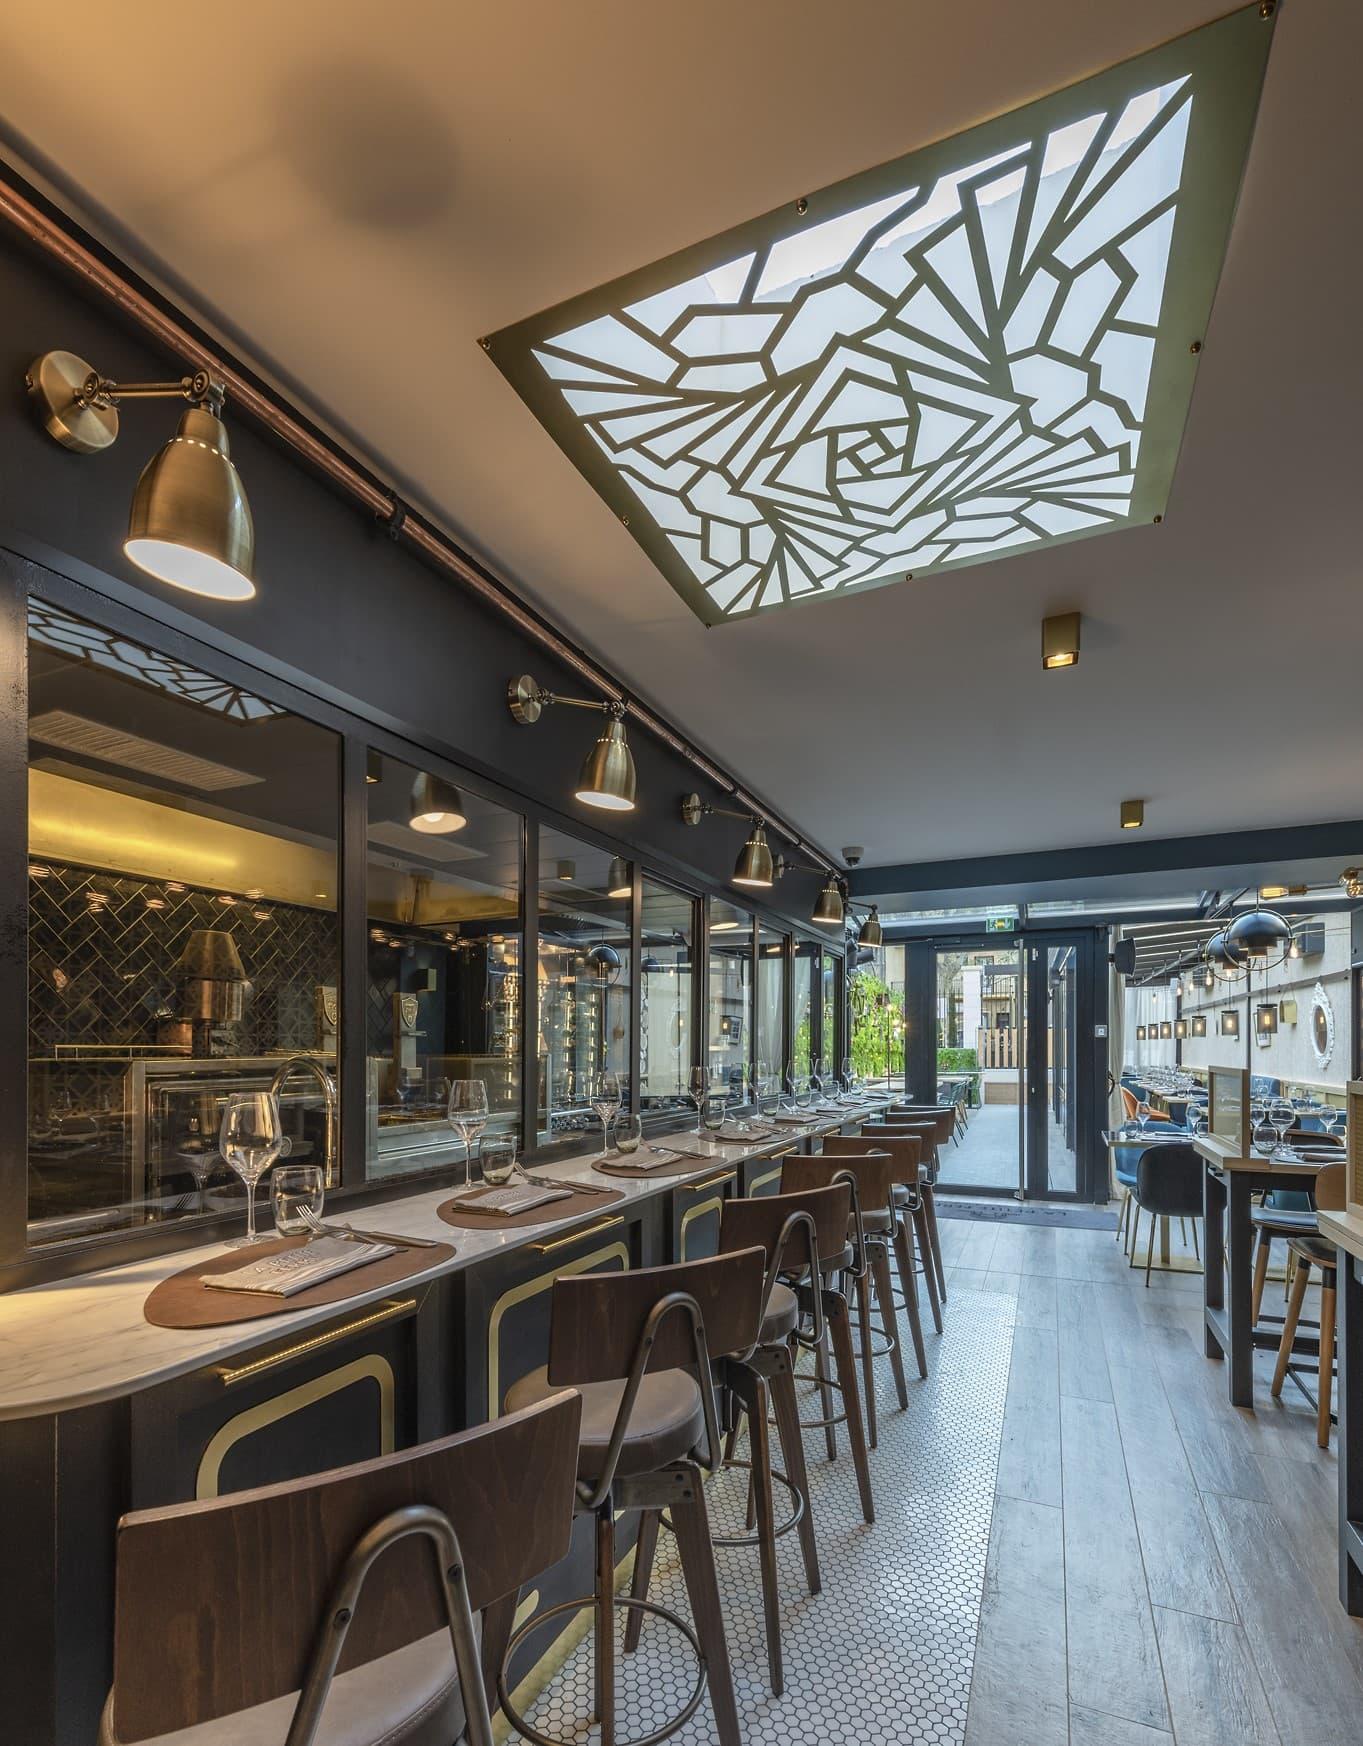 Focus sur les appliques murales et suspensions entourant le puit de lumiaire de style art déco dans le restaurant La Petite Ferme